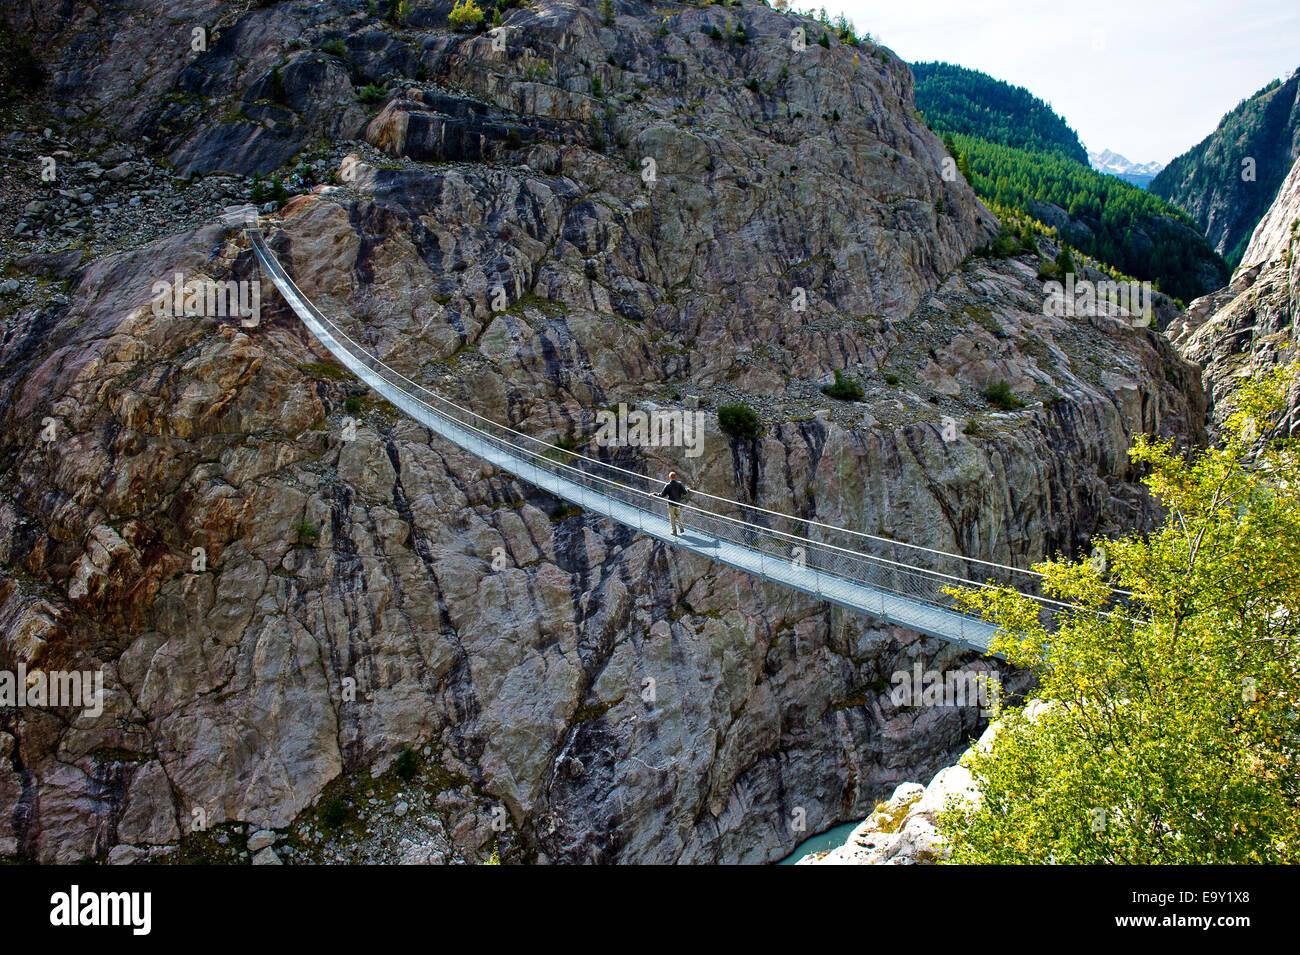 Destacó-ribbon bridge across Massa Gorge, Belalp región turística, cantón de Valais, Suiza Imagen De Stock